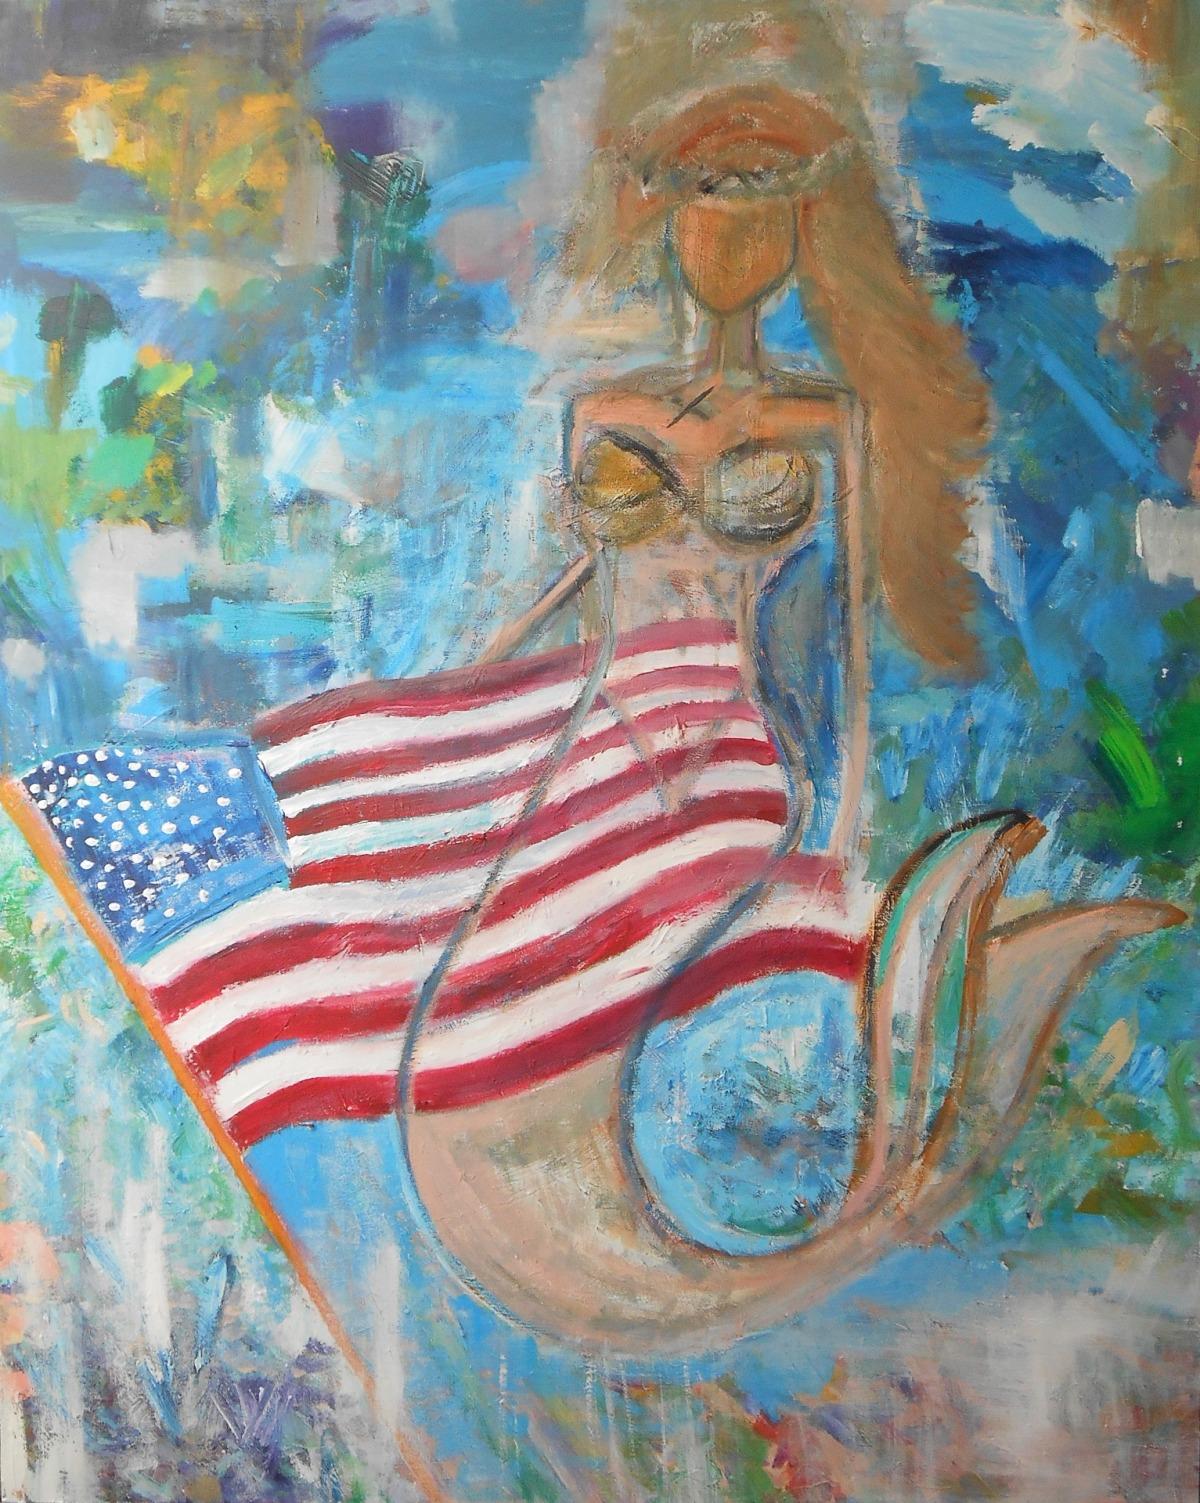 america's+mermaid+-+Kate+muirhead.jpg